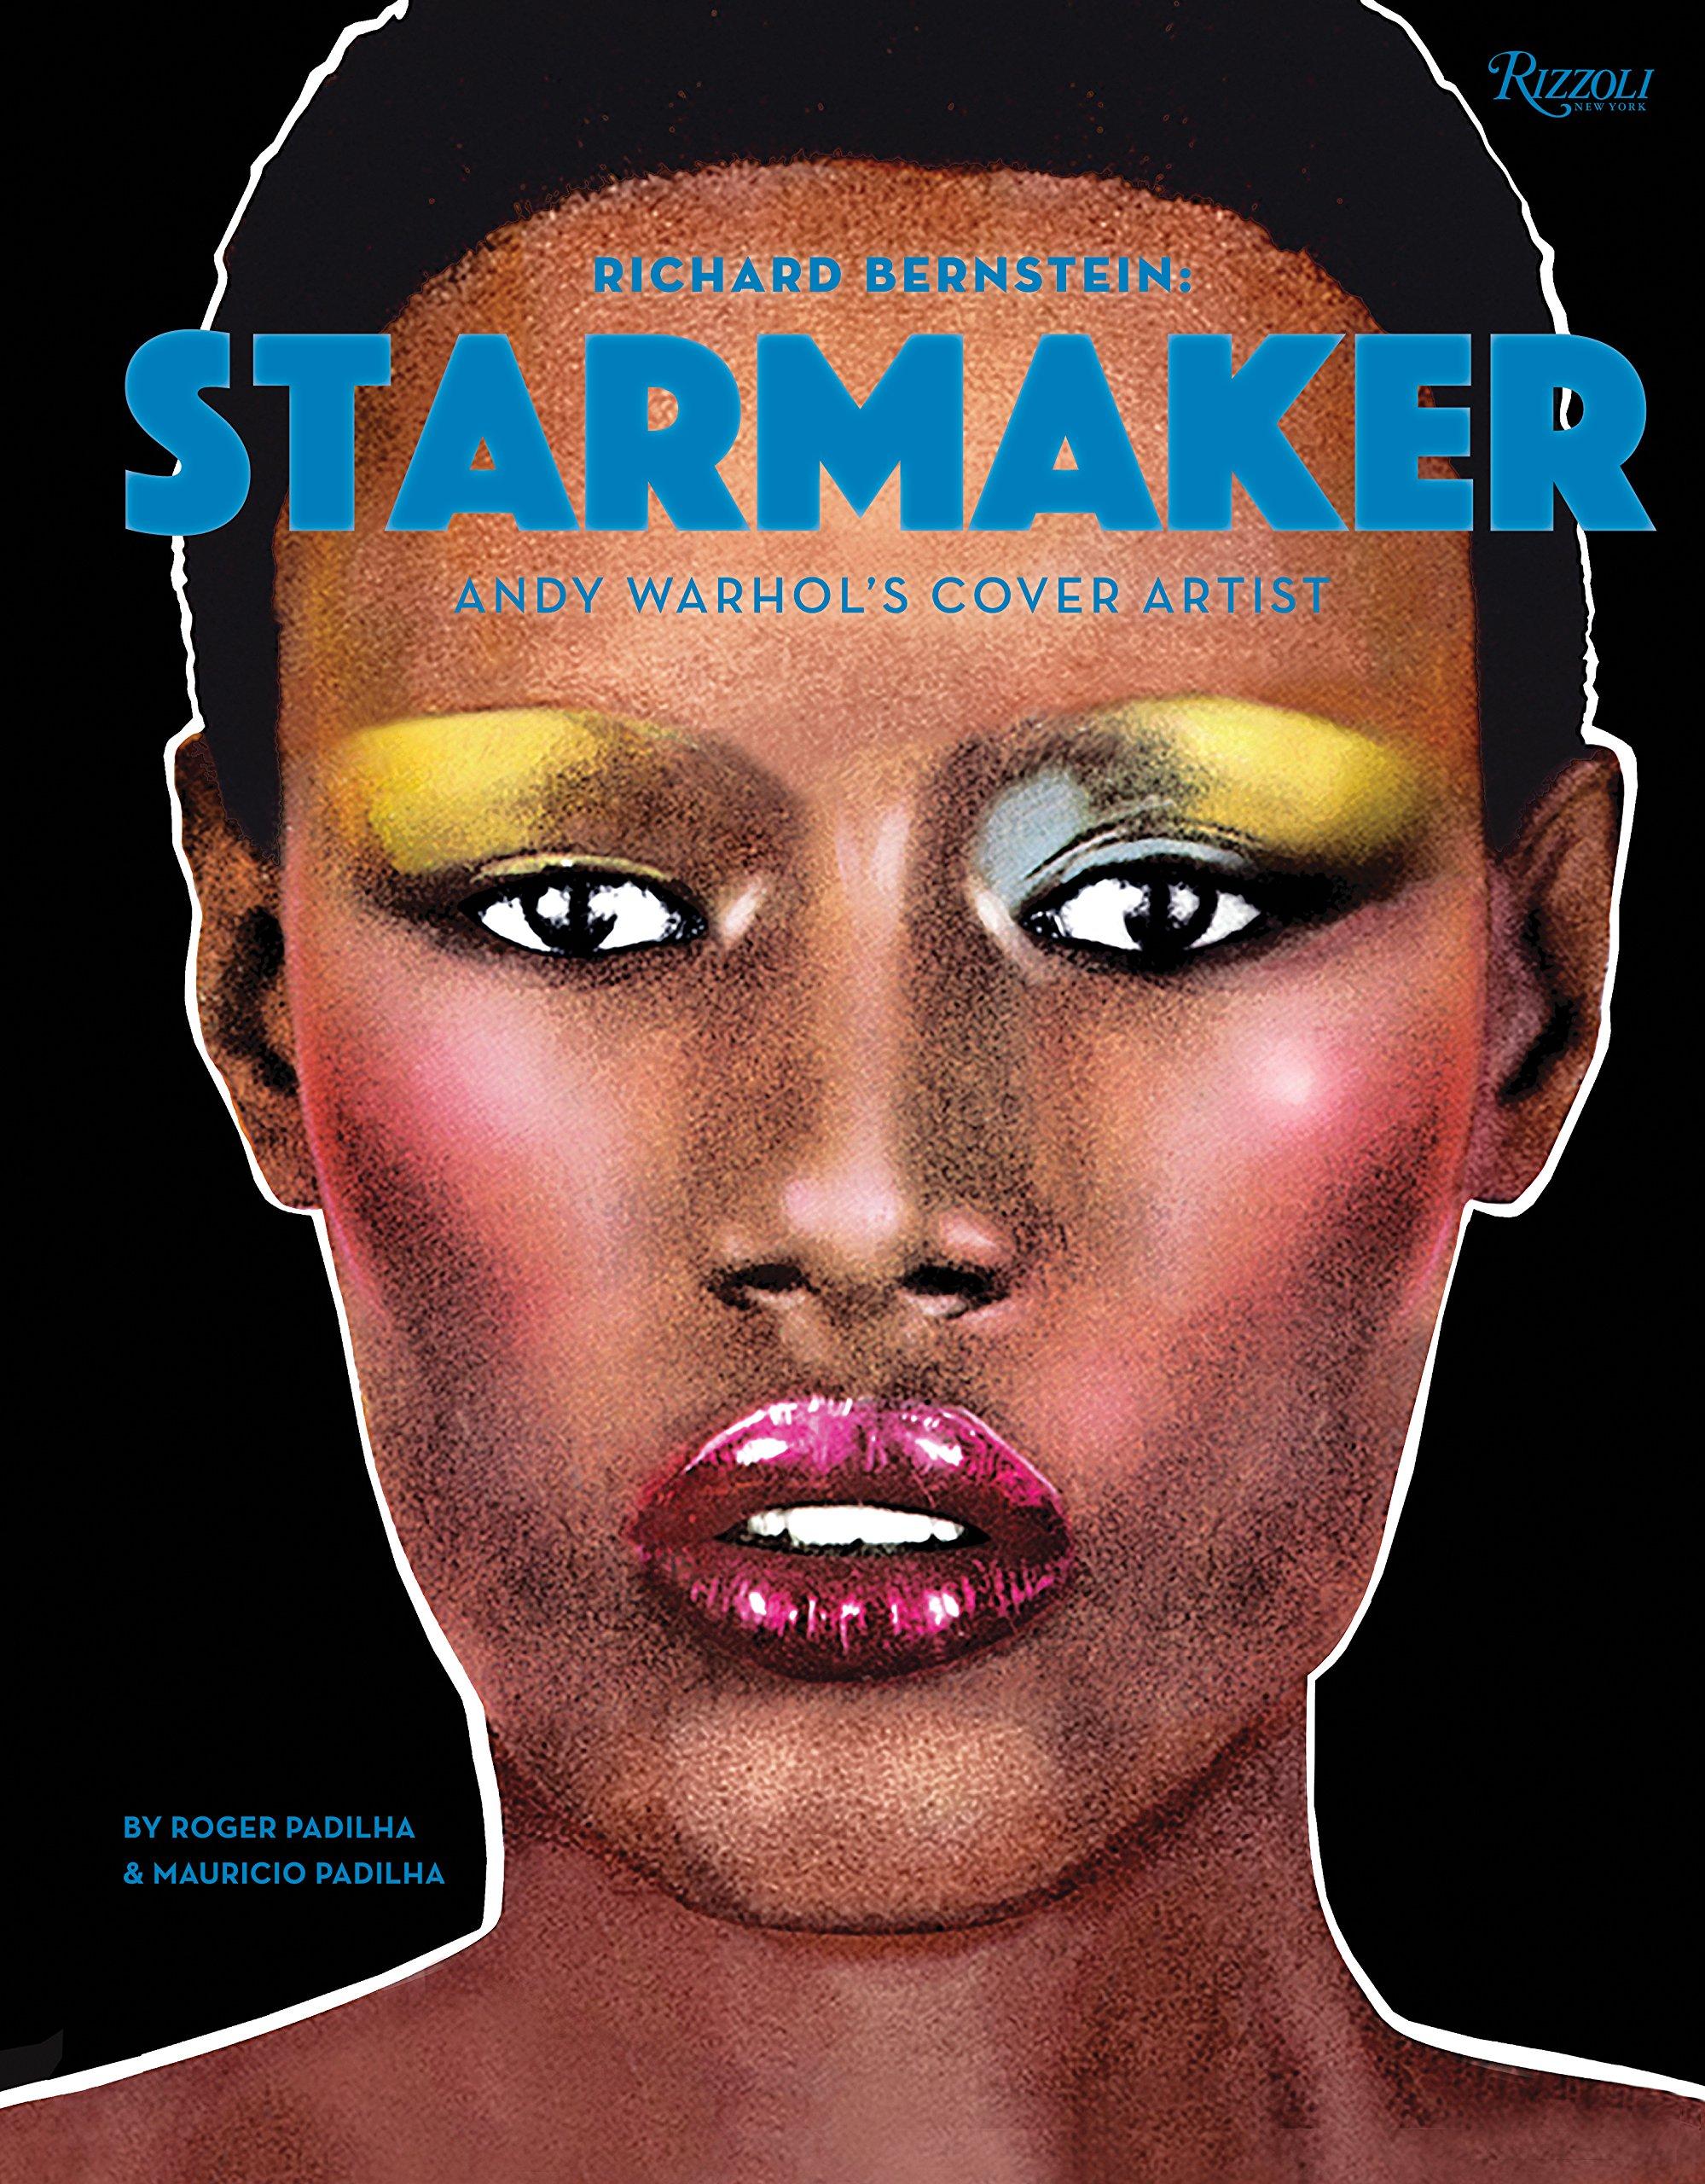 """""""Starmaker"""", el libro que rinde homenaje a Richard Bernstein"""